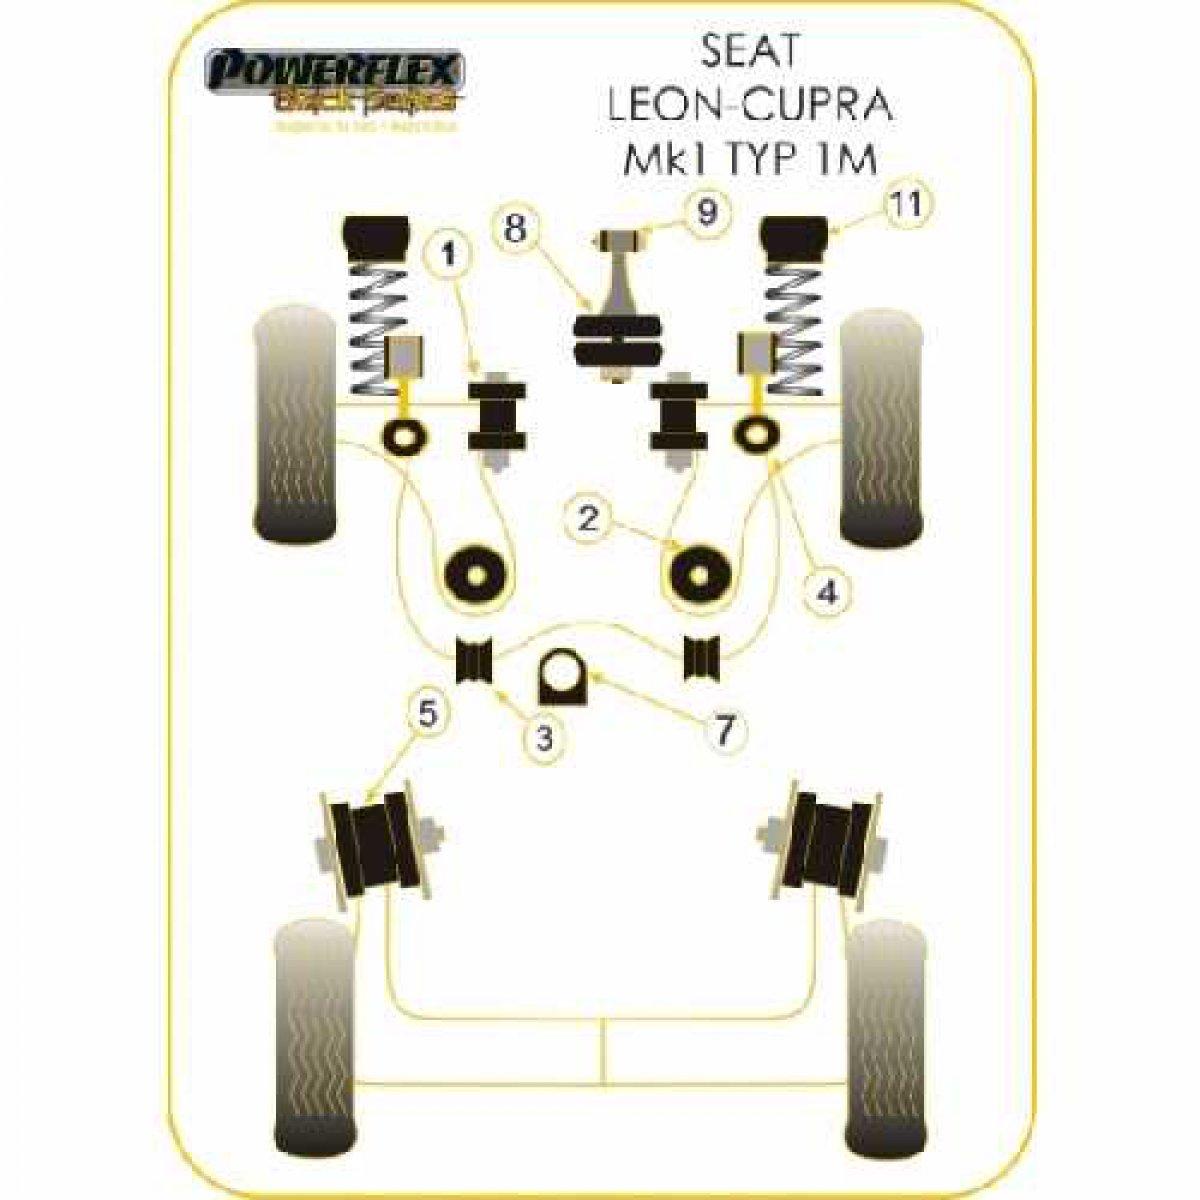 Powerflex Black für Seat Leon/&Cupra R Mk1 vorderer Querl hinten